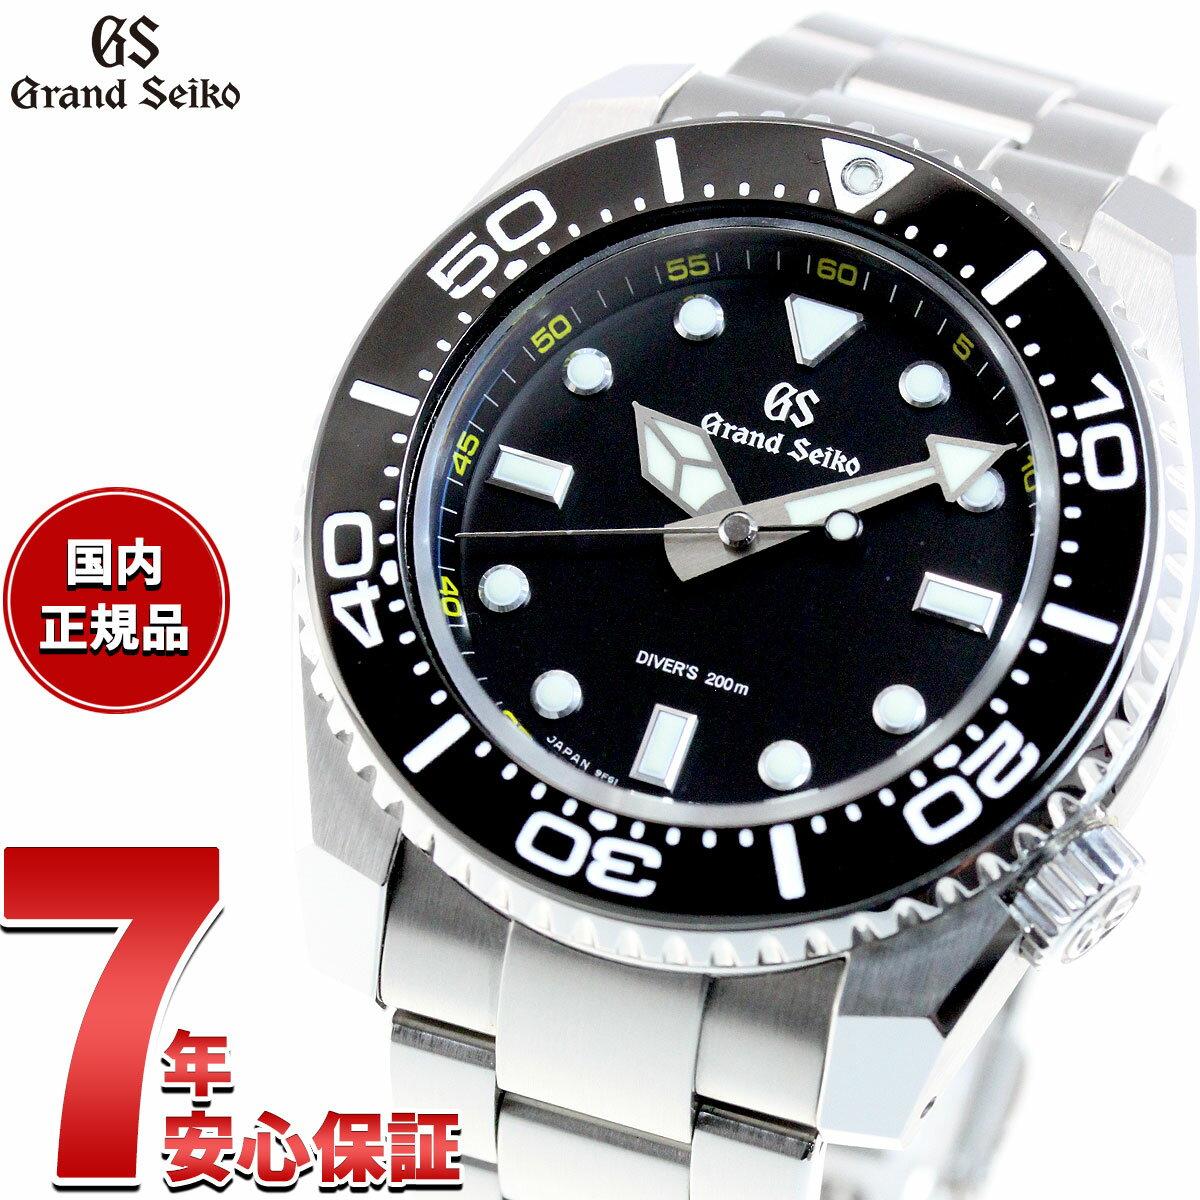 腕時計, メンズ腕時計 23202000OFF54.5 GRAND SEIKO SBGX33560